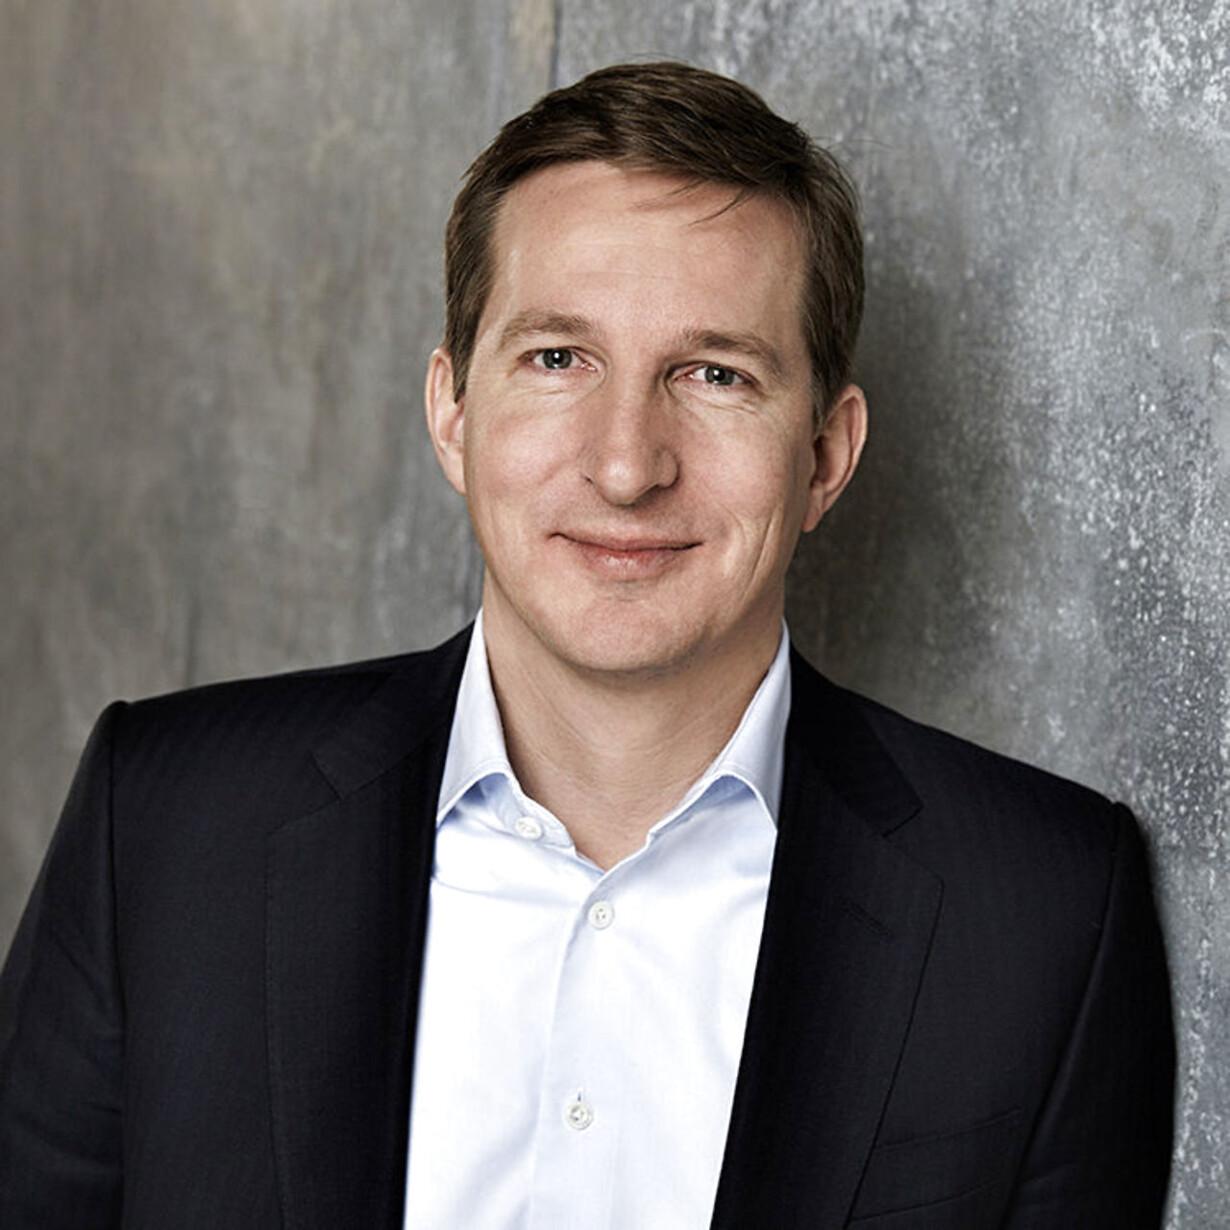 Christian Ørsted PR-foto